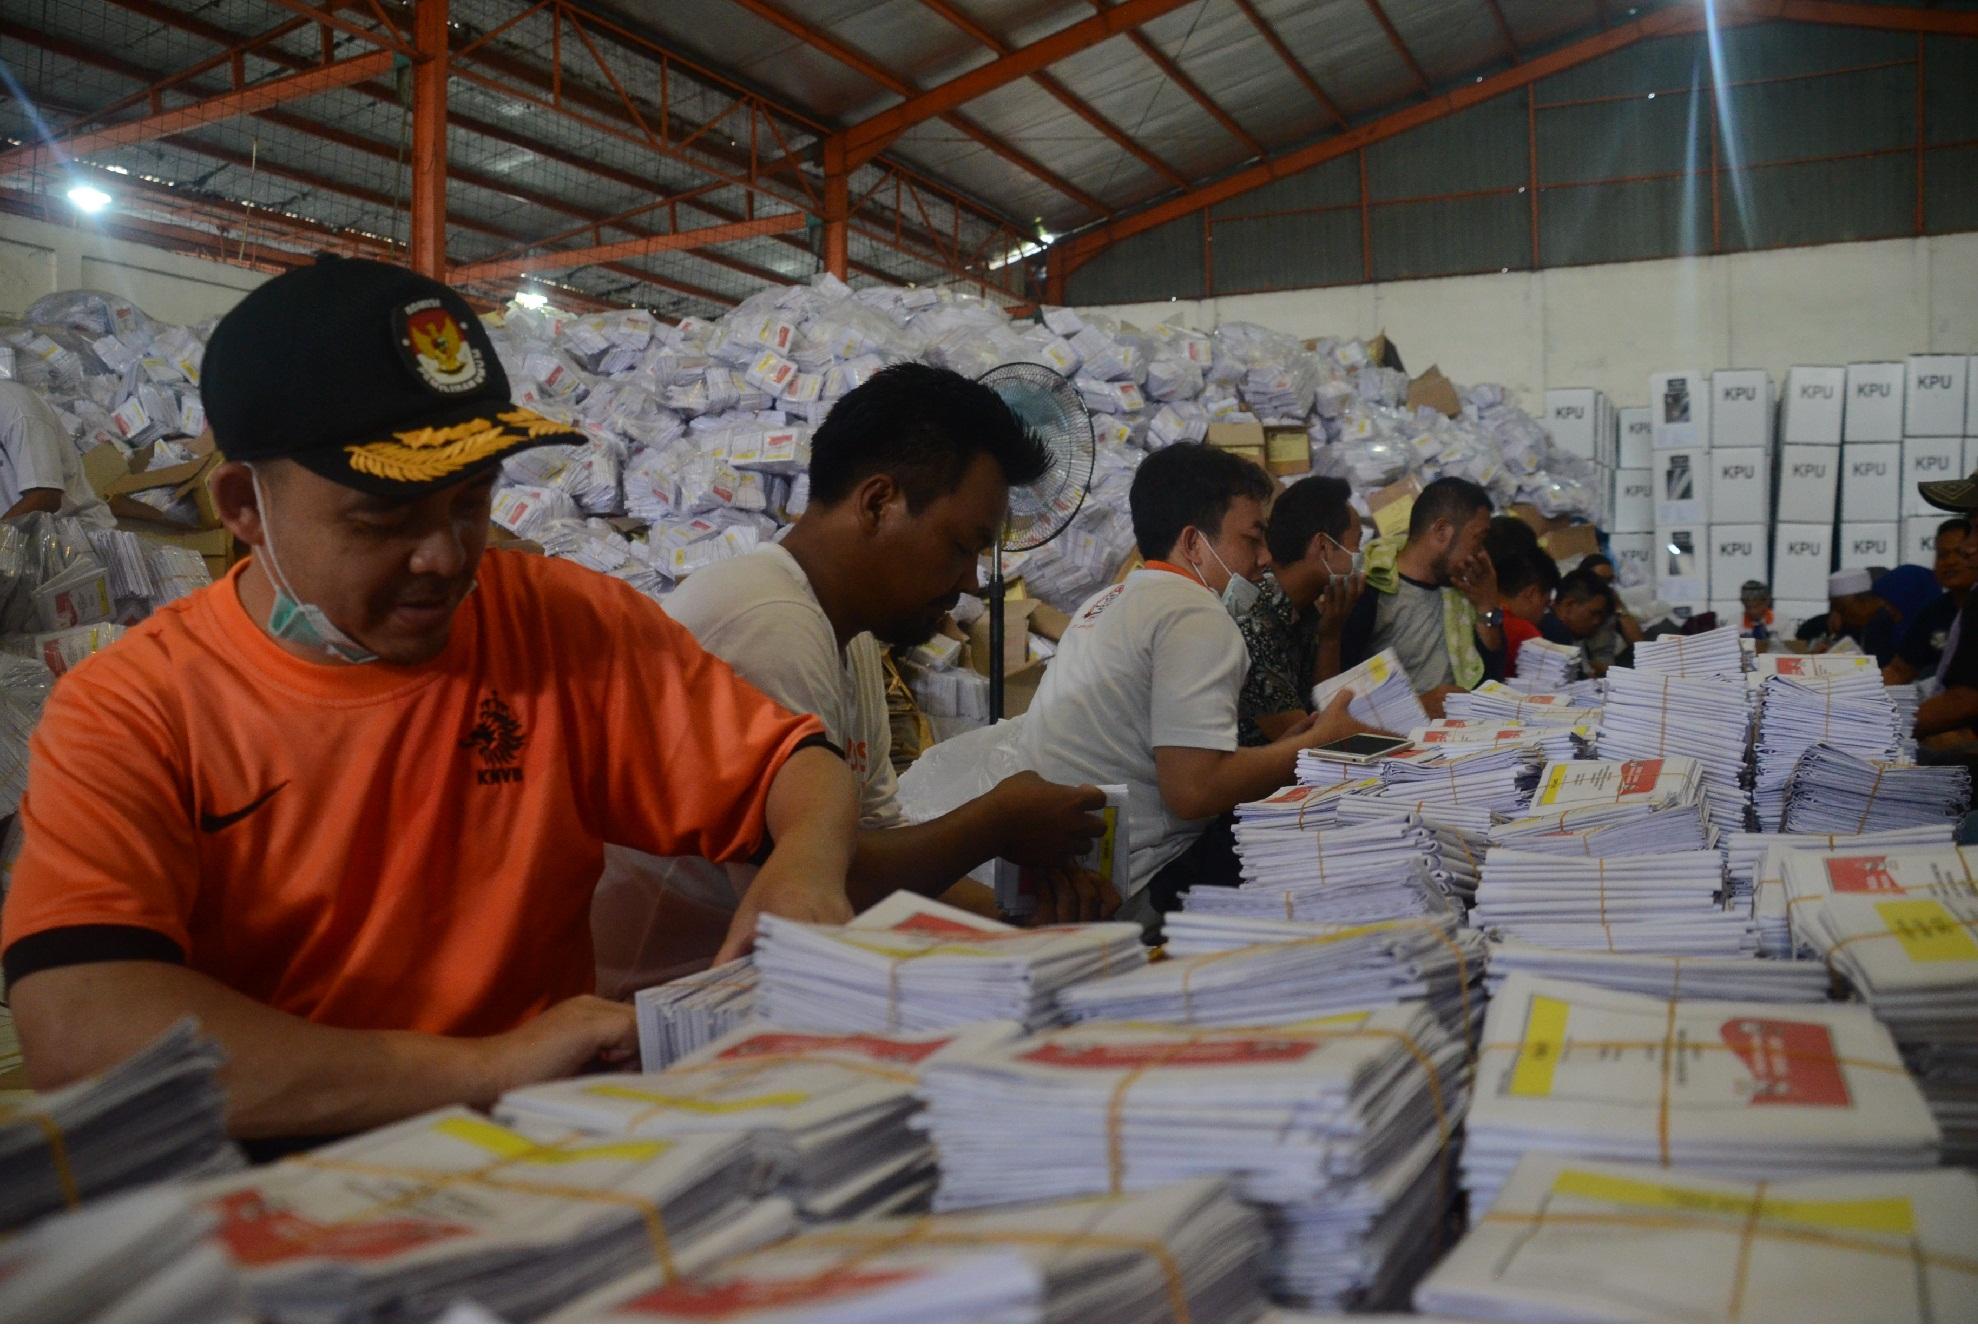 Persiapan Logistik Pemilu 2019 Di Kabupaten Bogor  Memasuki Tahap Pengepakan dan Sortir Ulang Surat Suara